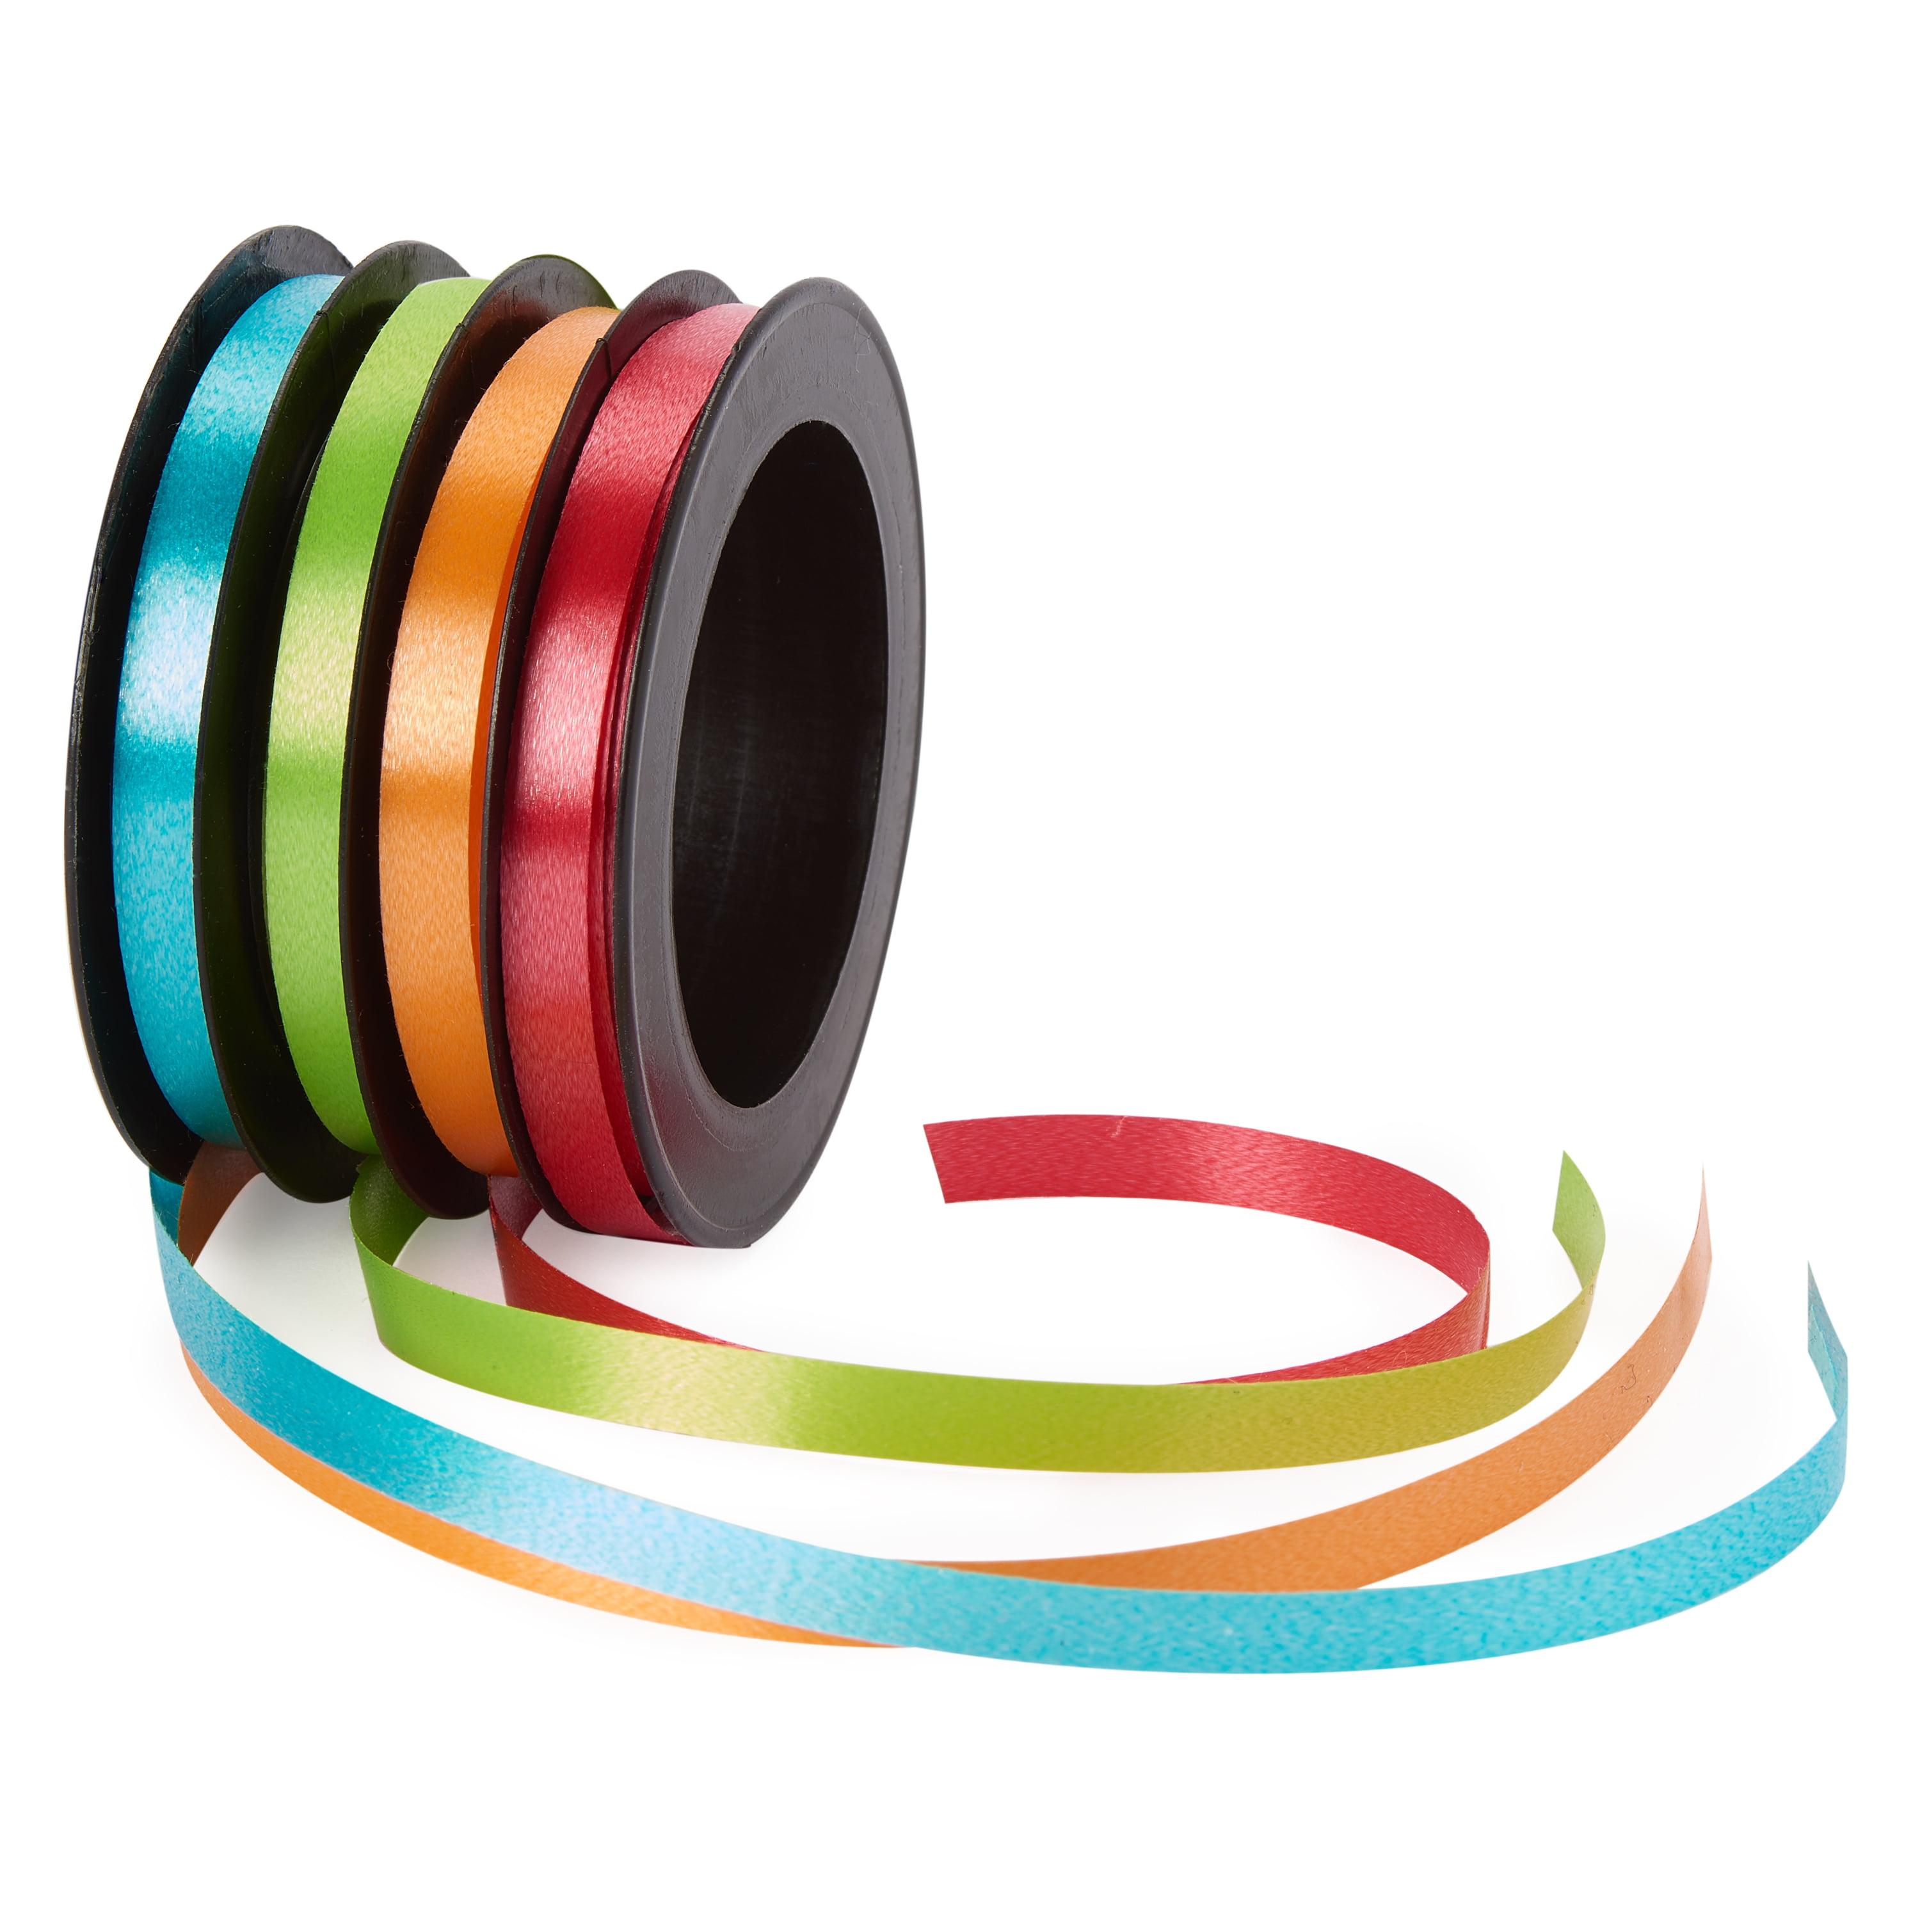 American Greetings Curling Ribbon Pack of 4 Colors, 80 ft. Total